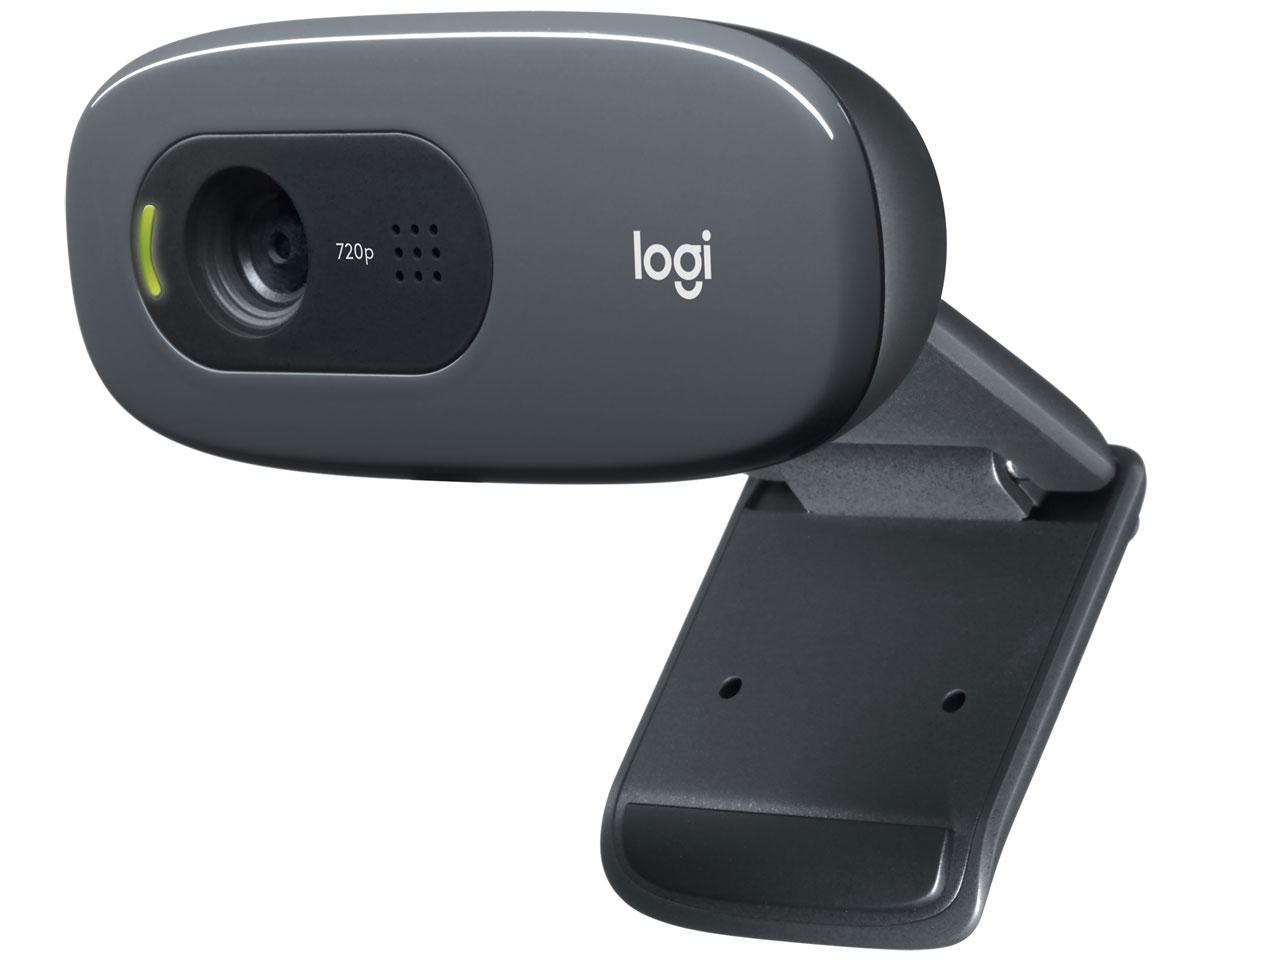 『本体 斜め』 HD Webcam C270n [ダークグレー] の製品画像